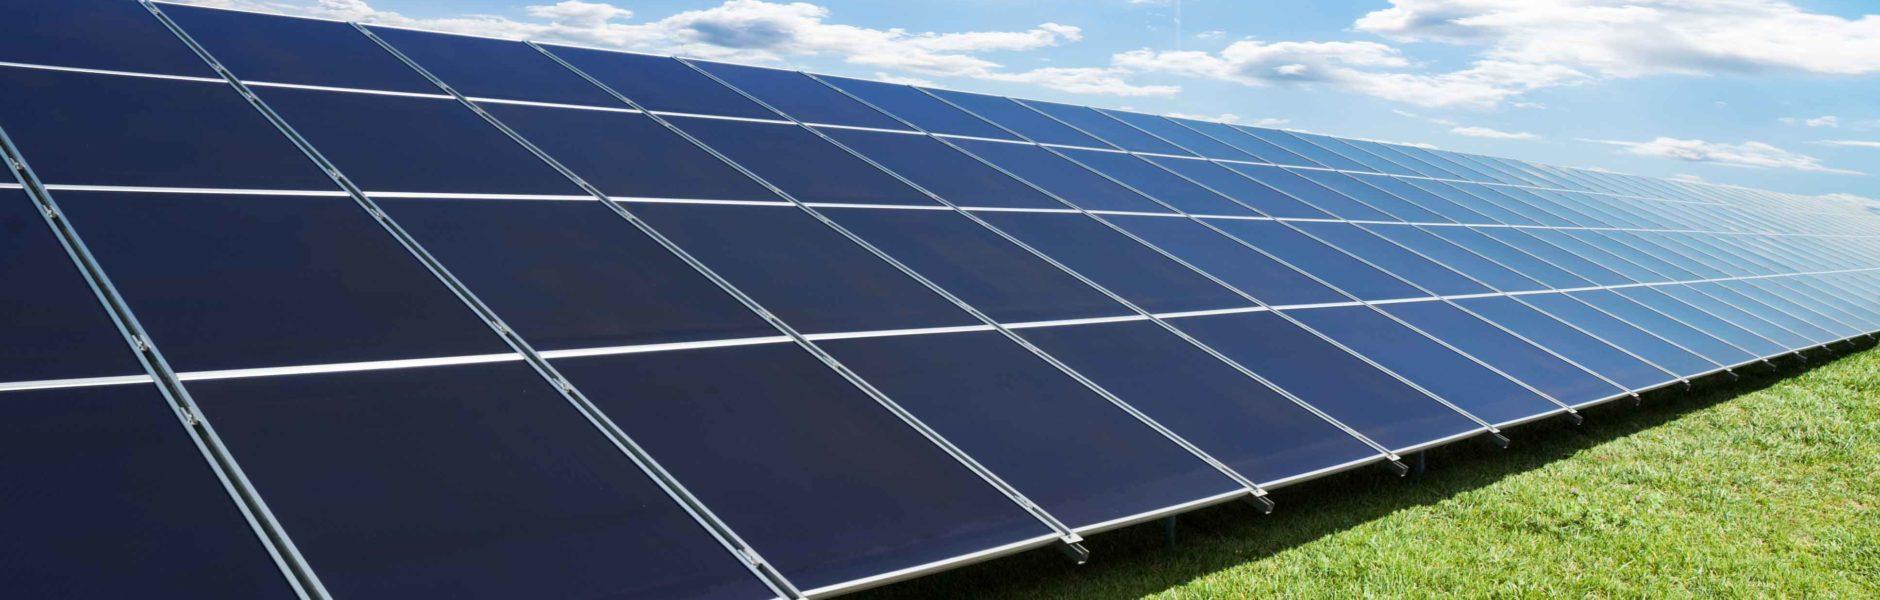 Impianto fotovoltaico Perito Petruzzella Gaetano